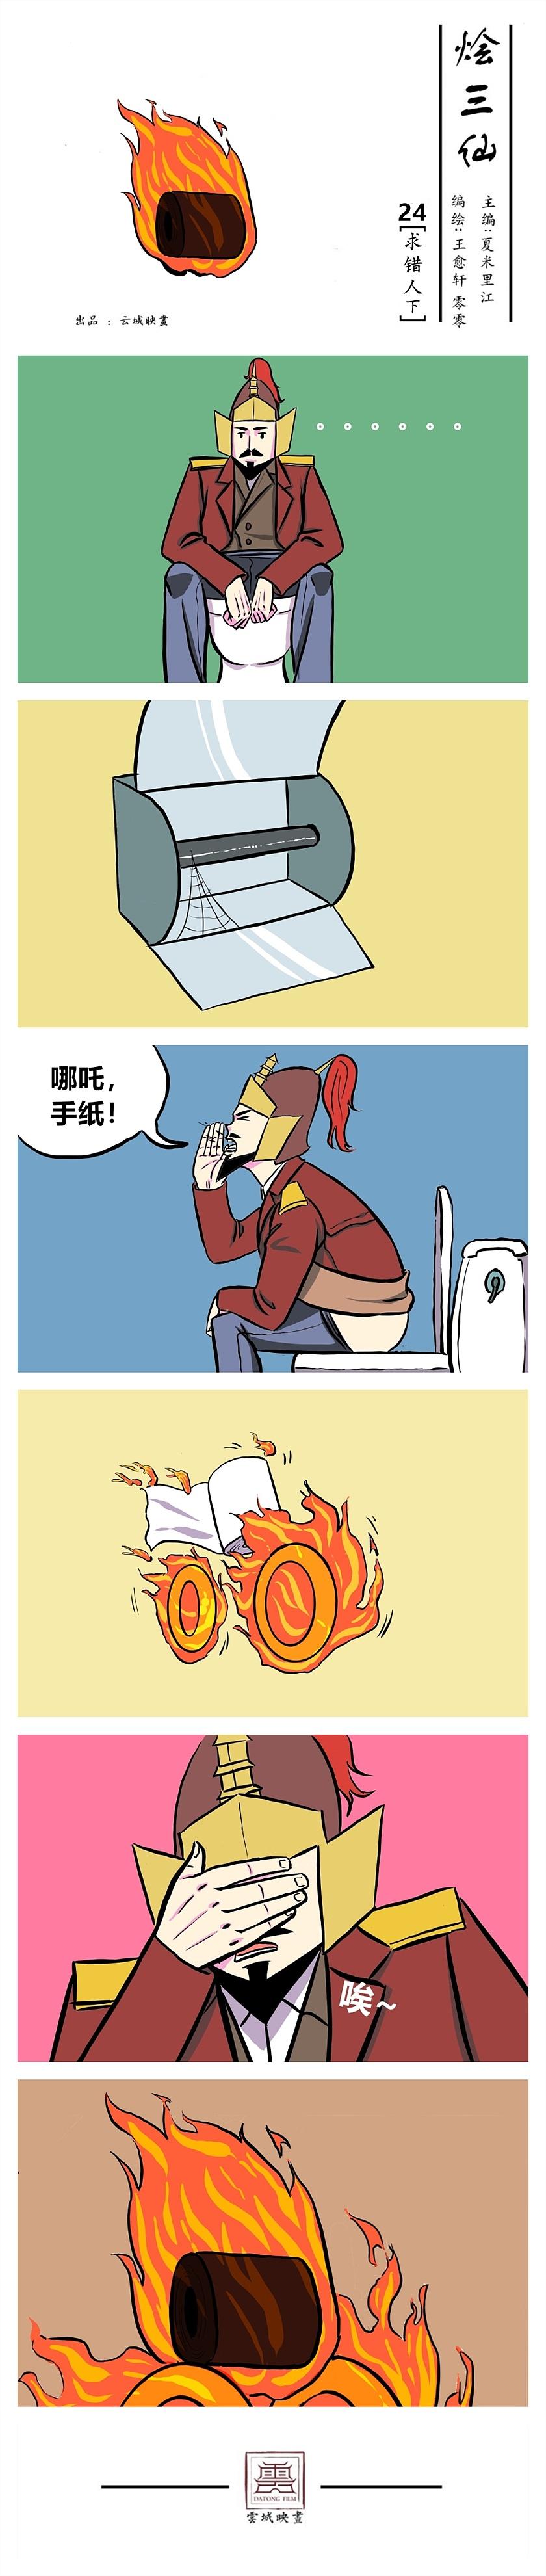 乱轮家庭大烩_烩三仙21-25